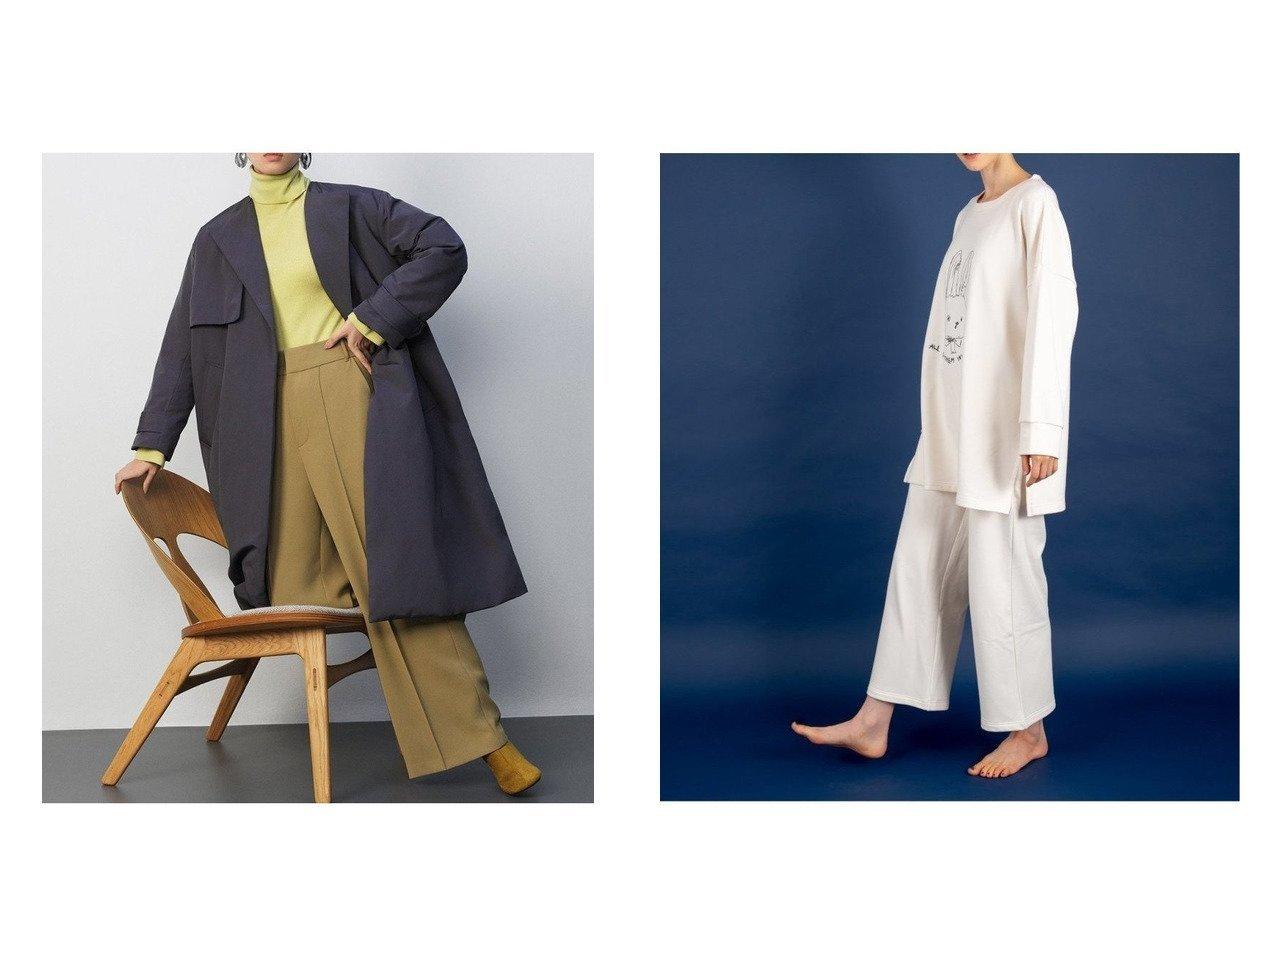 【Mila Owen/ミラオーウェン】のセンターコバ後ゴムワイドパンツ&【PAUL & JOE/ポール & ジョー】のうさぎ裏フリース ロングパンツ パンツのおすすめ!人気トレンド・レディースファッションの通販 おすすめで人気のファッション通販商品 インテリア・家具・キッズファッション・メンズファッション・レディースファッション・服の通販 founy(ファニー) https://founy.com/ ファッション Fashion レディースファッション WOMEN パンツ Pants 12月号 エレガント ジーンズ ワイド A/W 秋冬 Autumn &  Winter インナー コレクション ストレート プリント ポケット モチーフ ロング |ID:crp329100000007847